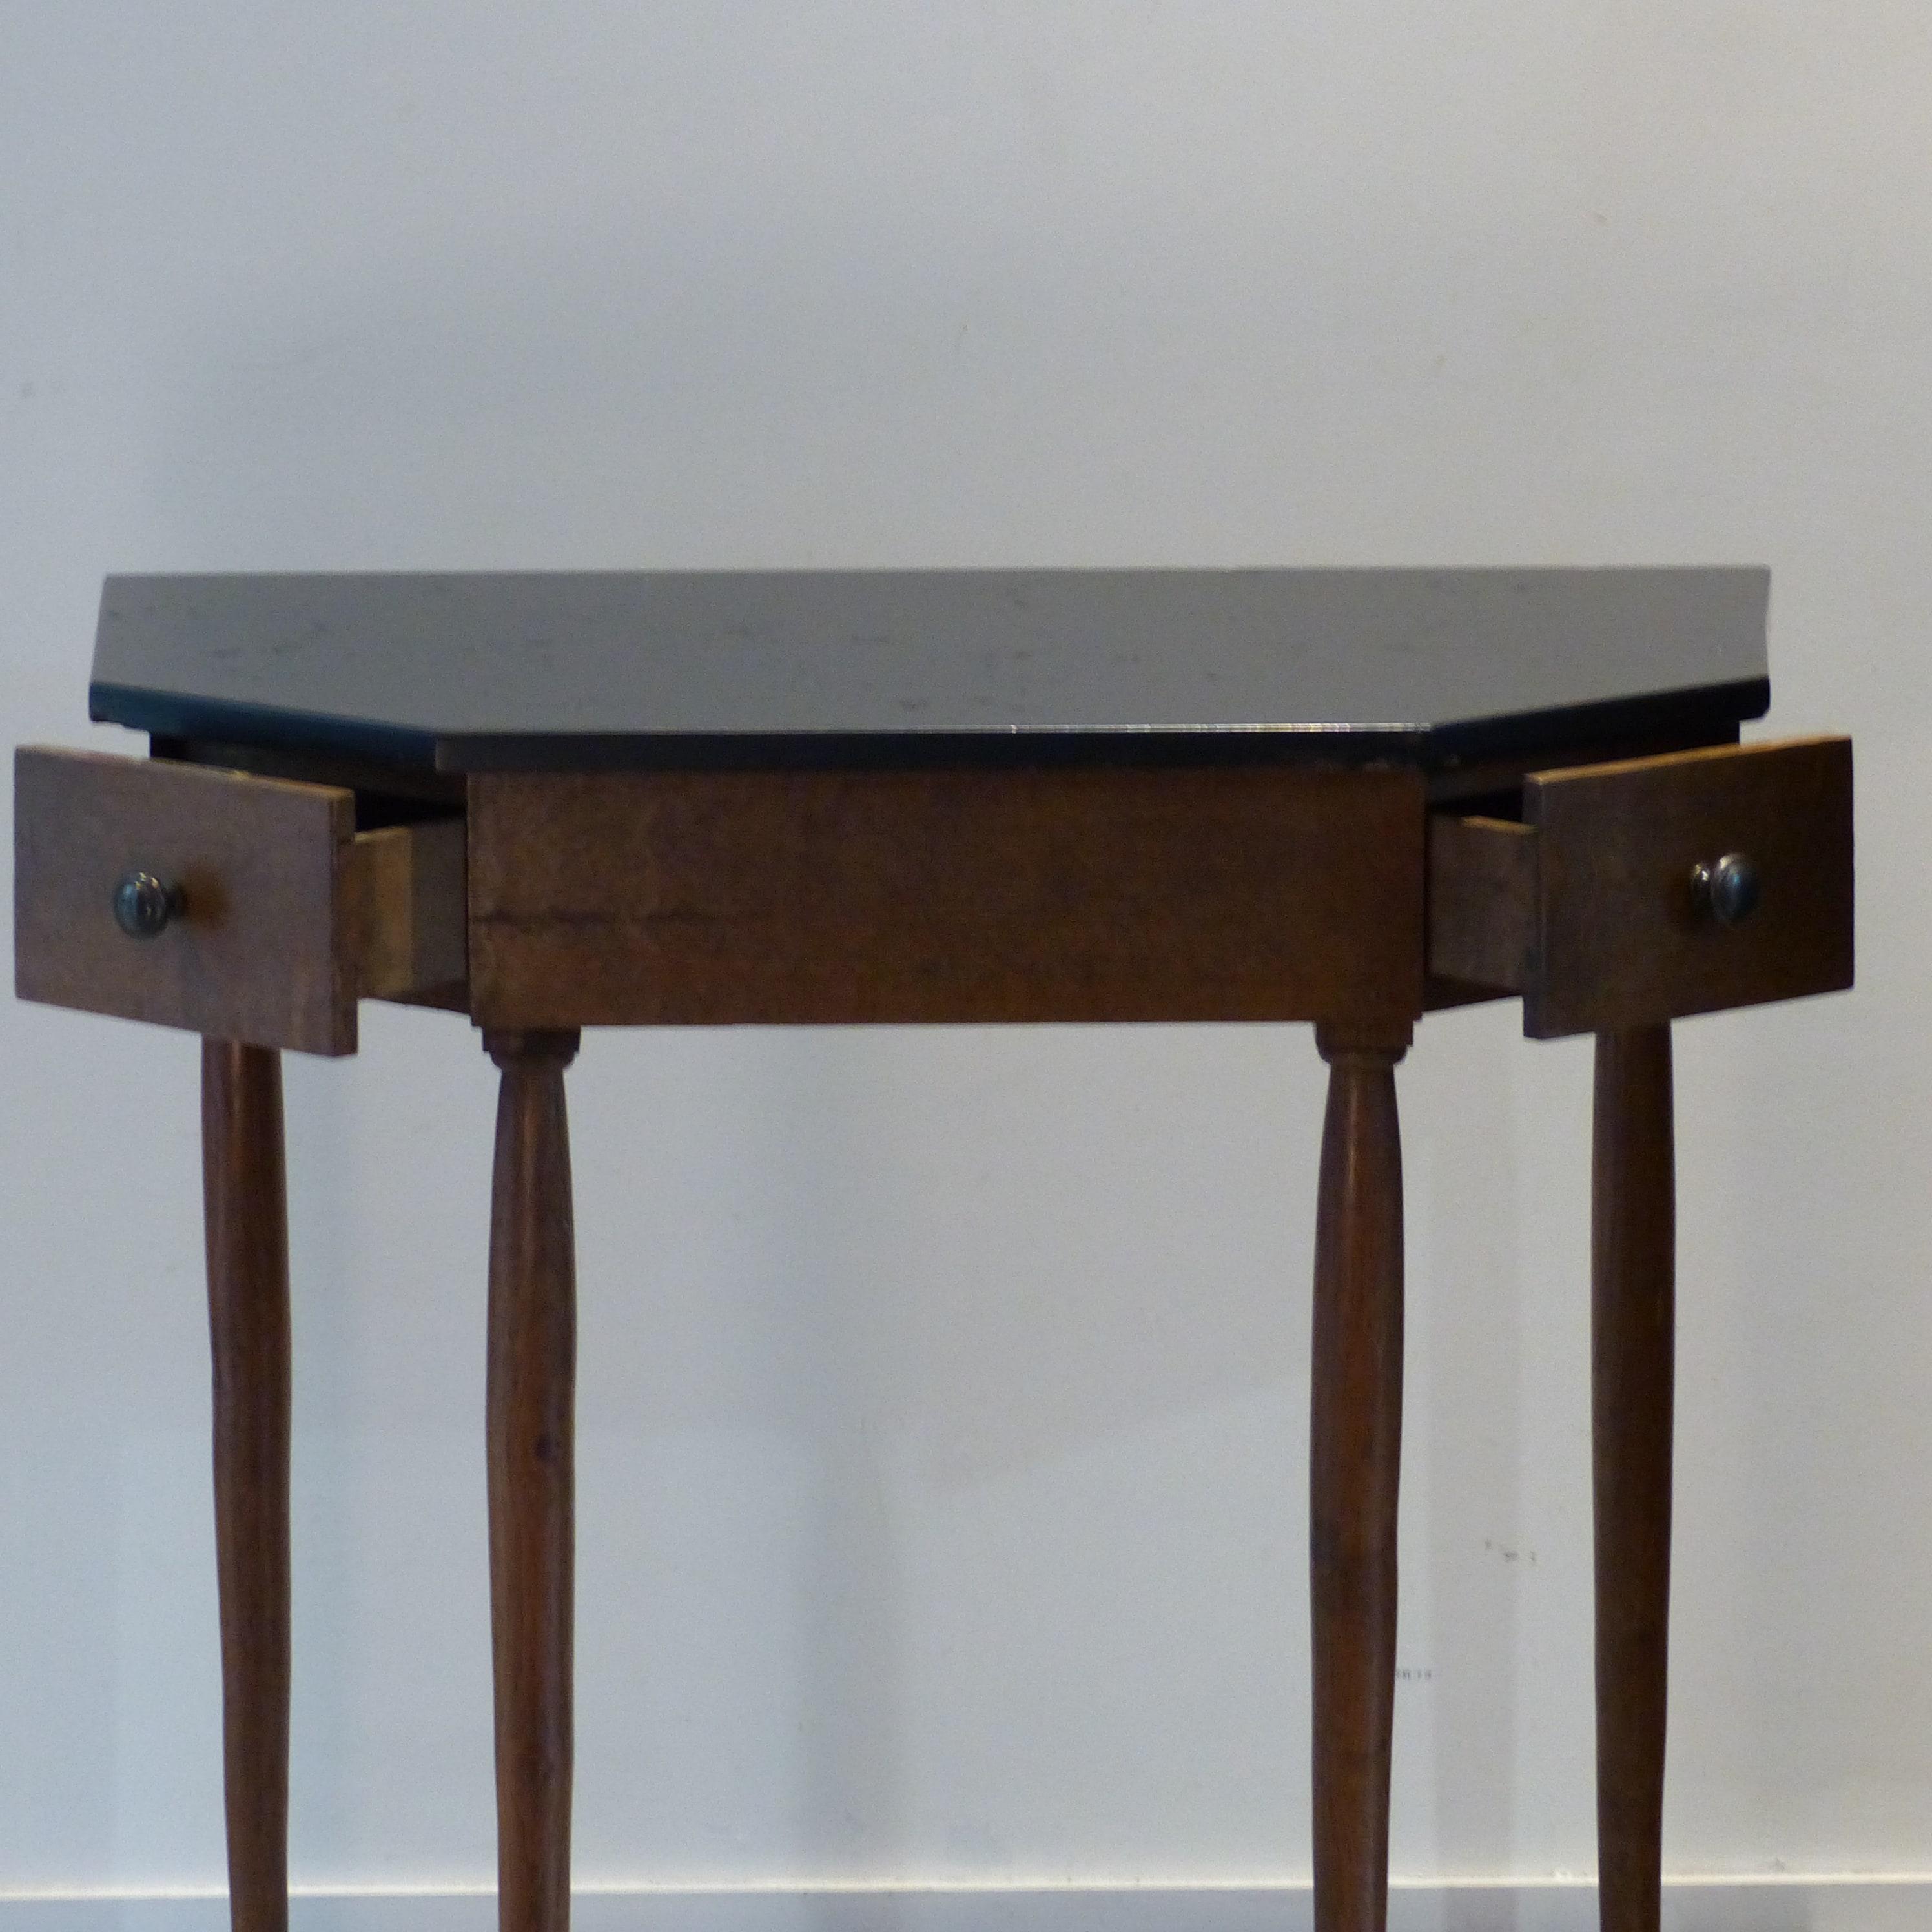 petite console de m tier lignedebrocante brocante en ligne chine pour vous meubles vintage. Black Bedroom Furniture Sets. Home Design Ideas